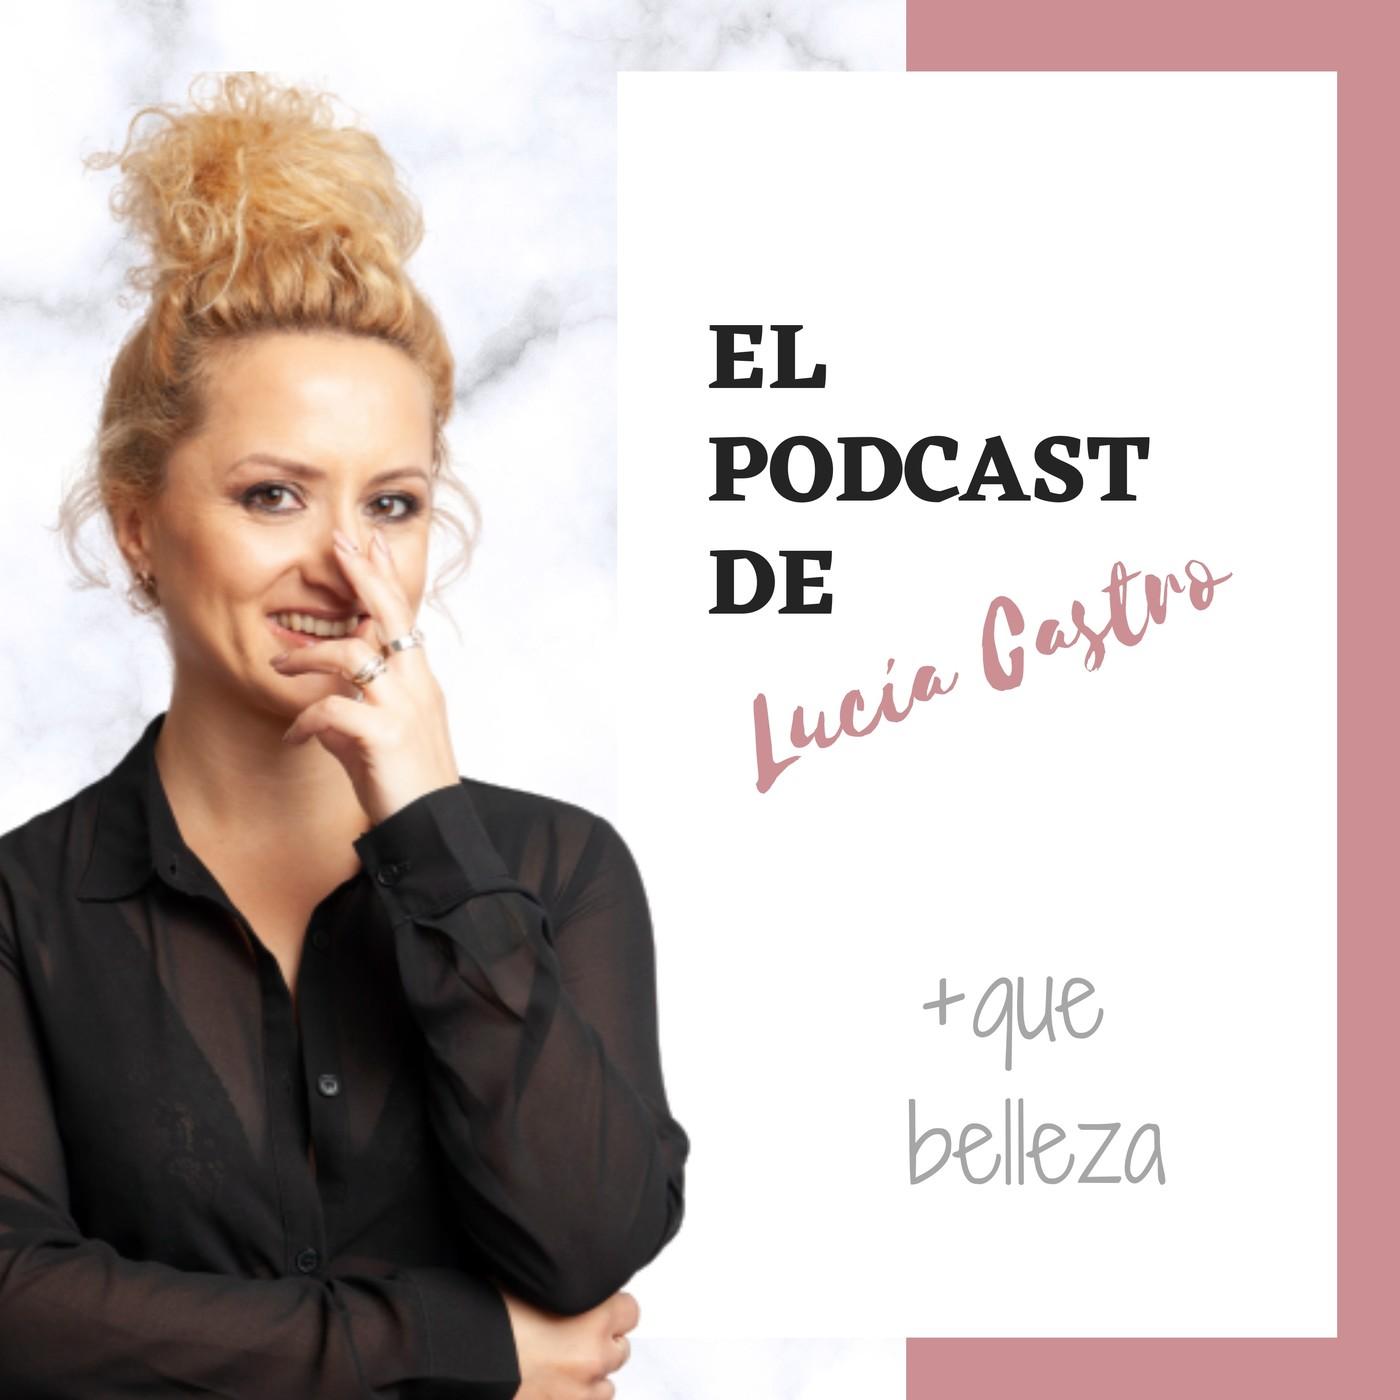 Consejos de maquillaje con Javier Romero en + Que Belleza #14